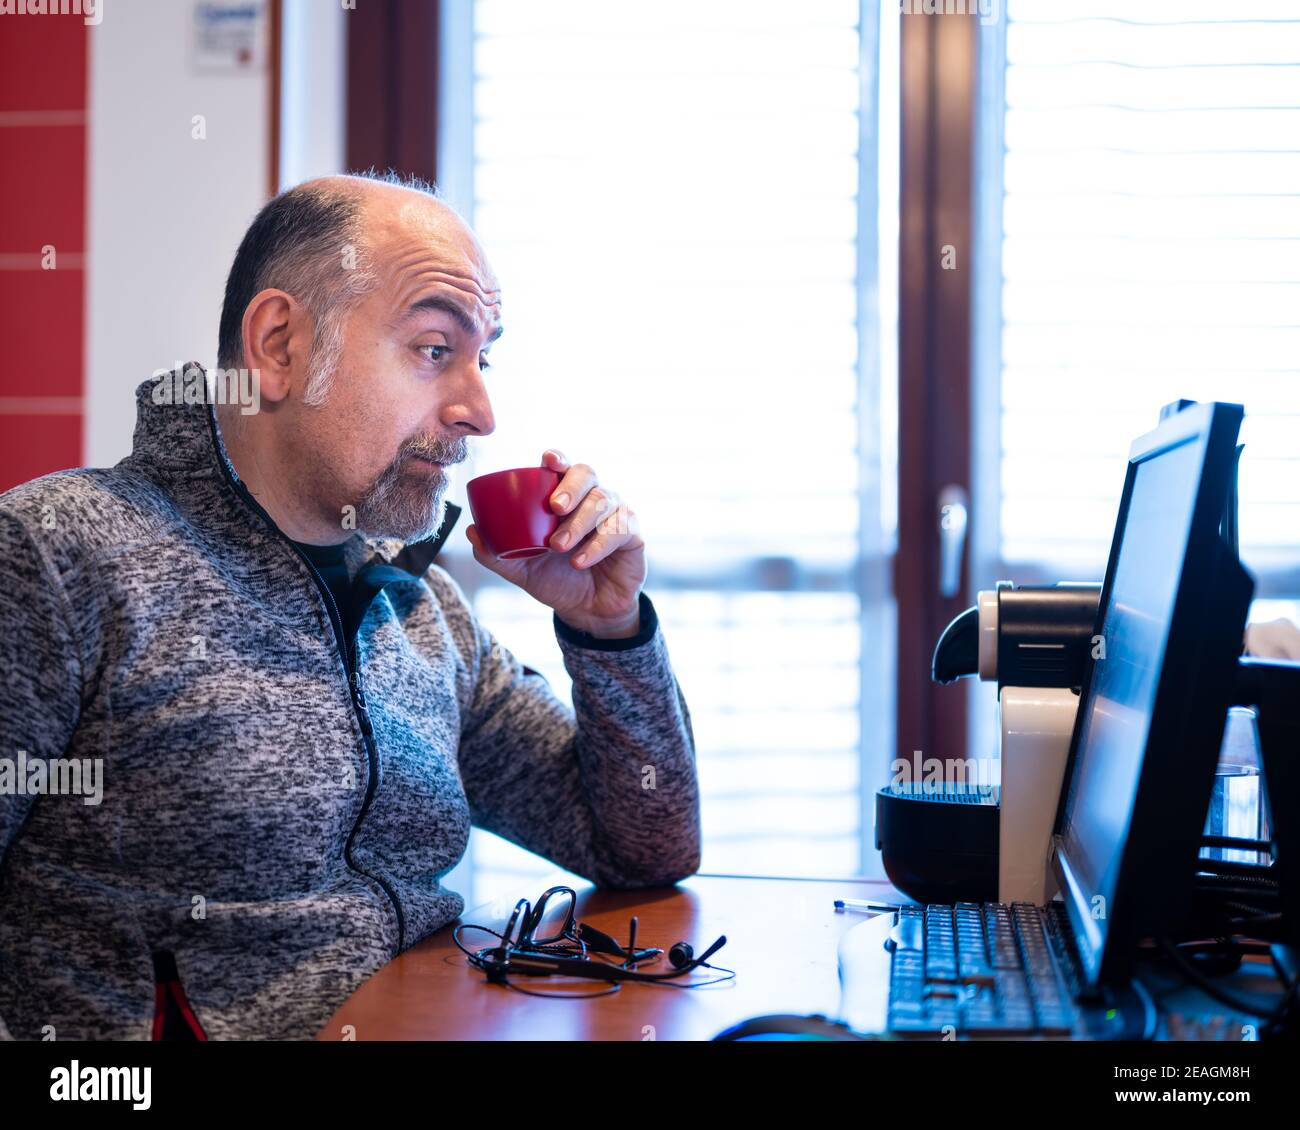 Un hombre caucásico de mediana edad que trabaja desde casa, mientras bebe un café, está agradablemente sorprendido por una notificación que lee en el monitor de su computadora. Foto de stock